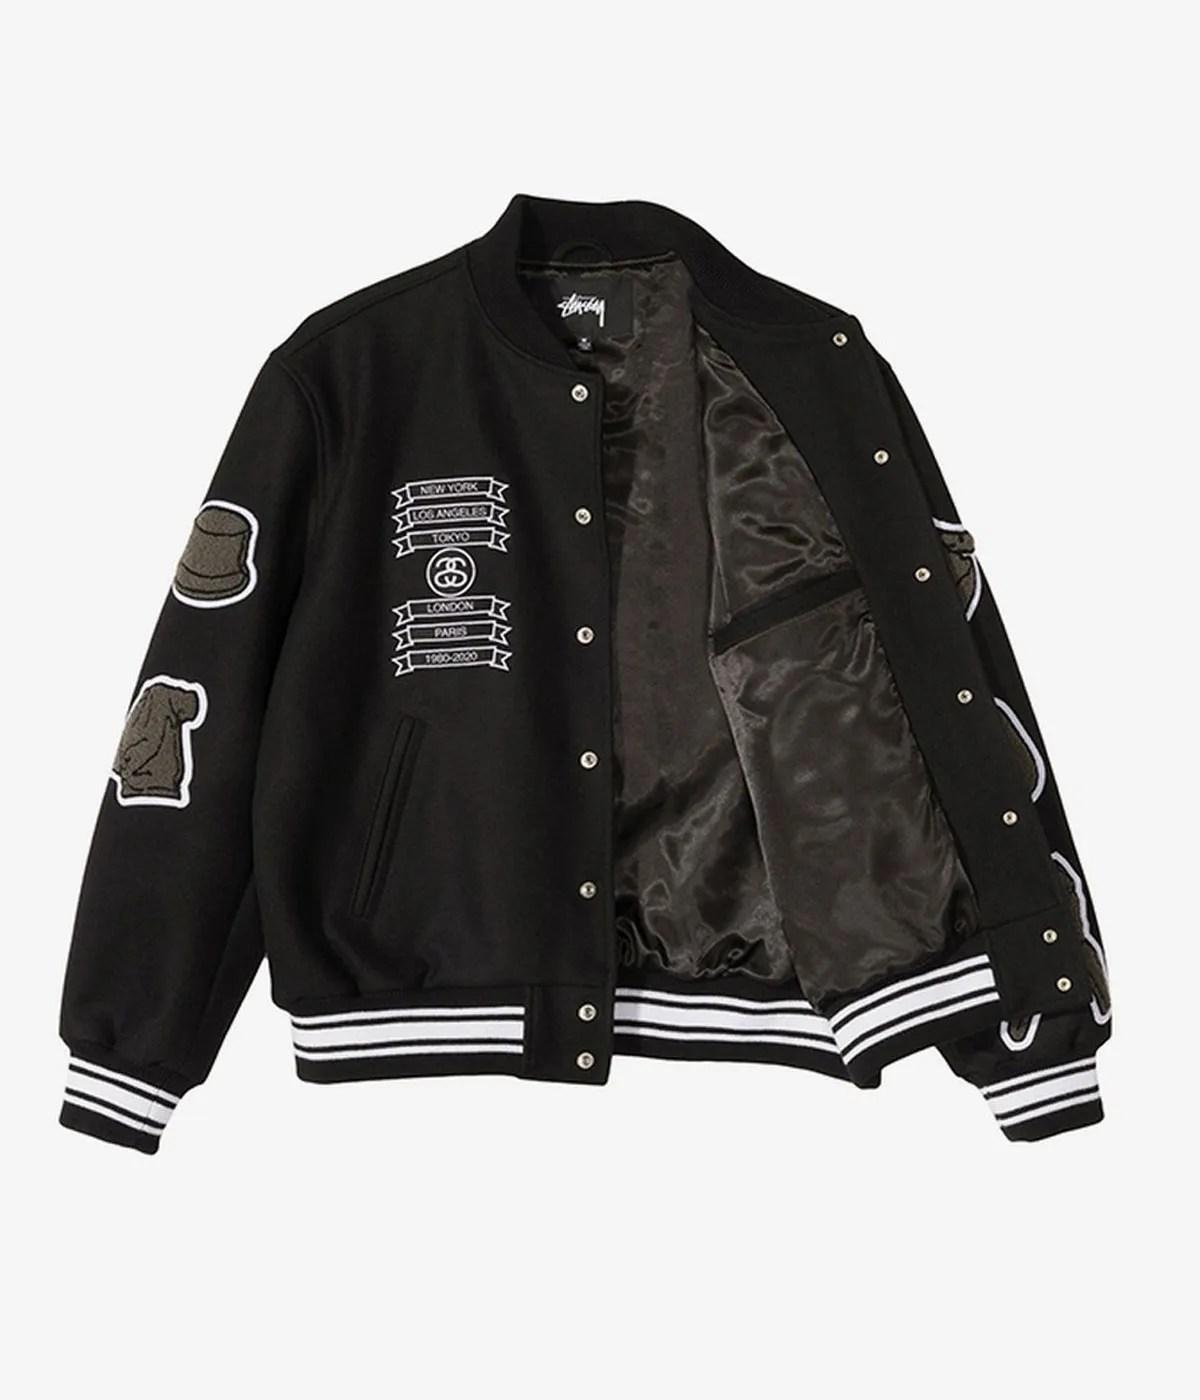 asap-rocky-stussy-cdg-jacket